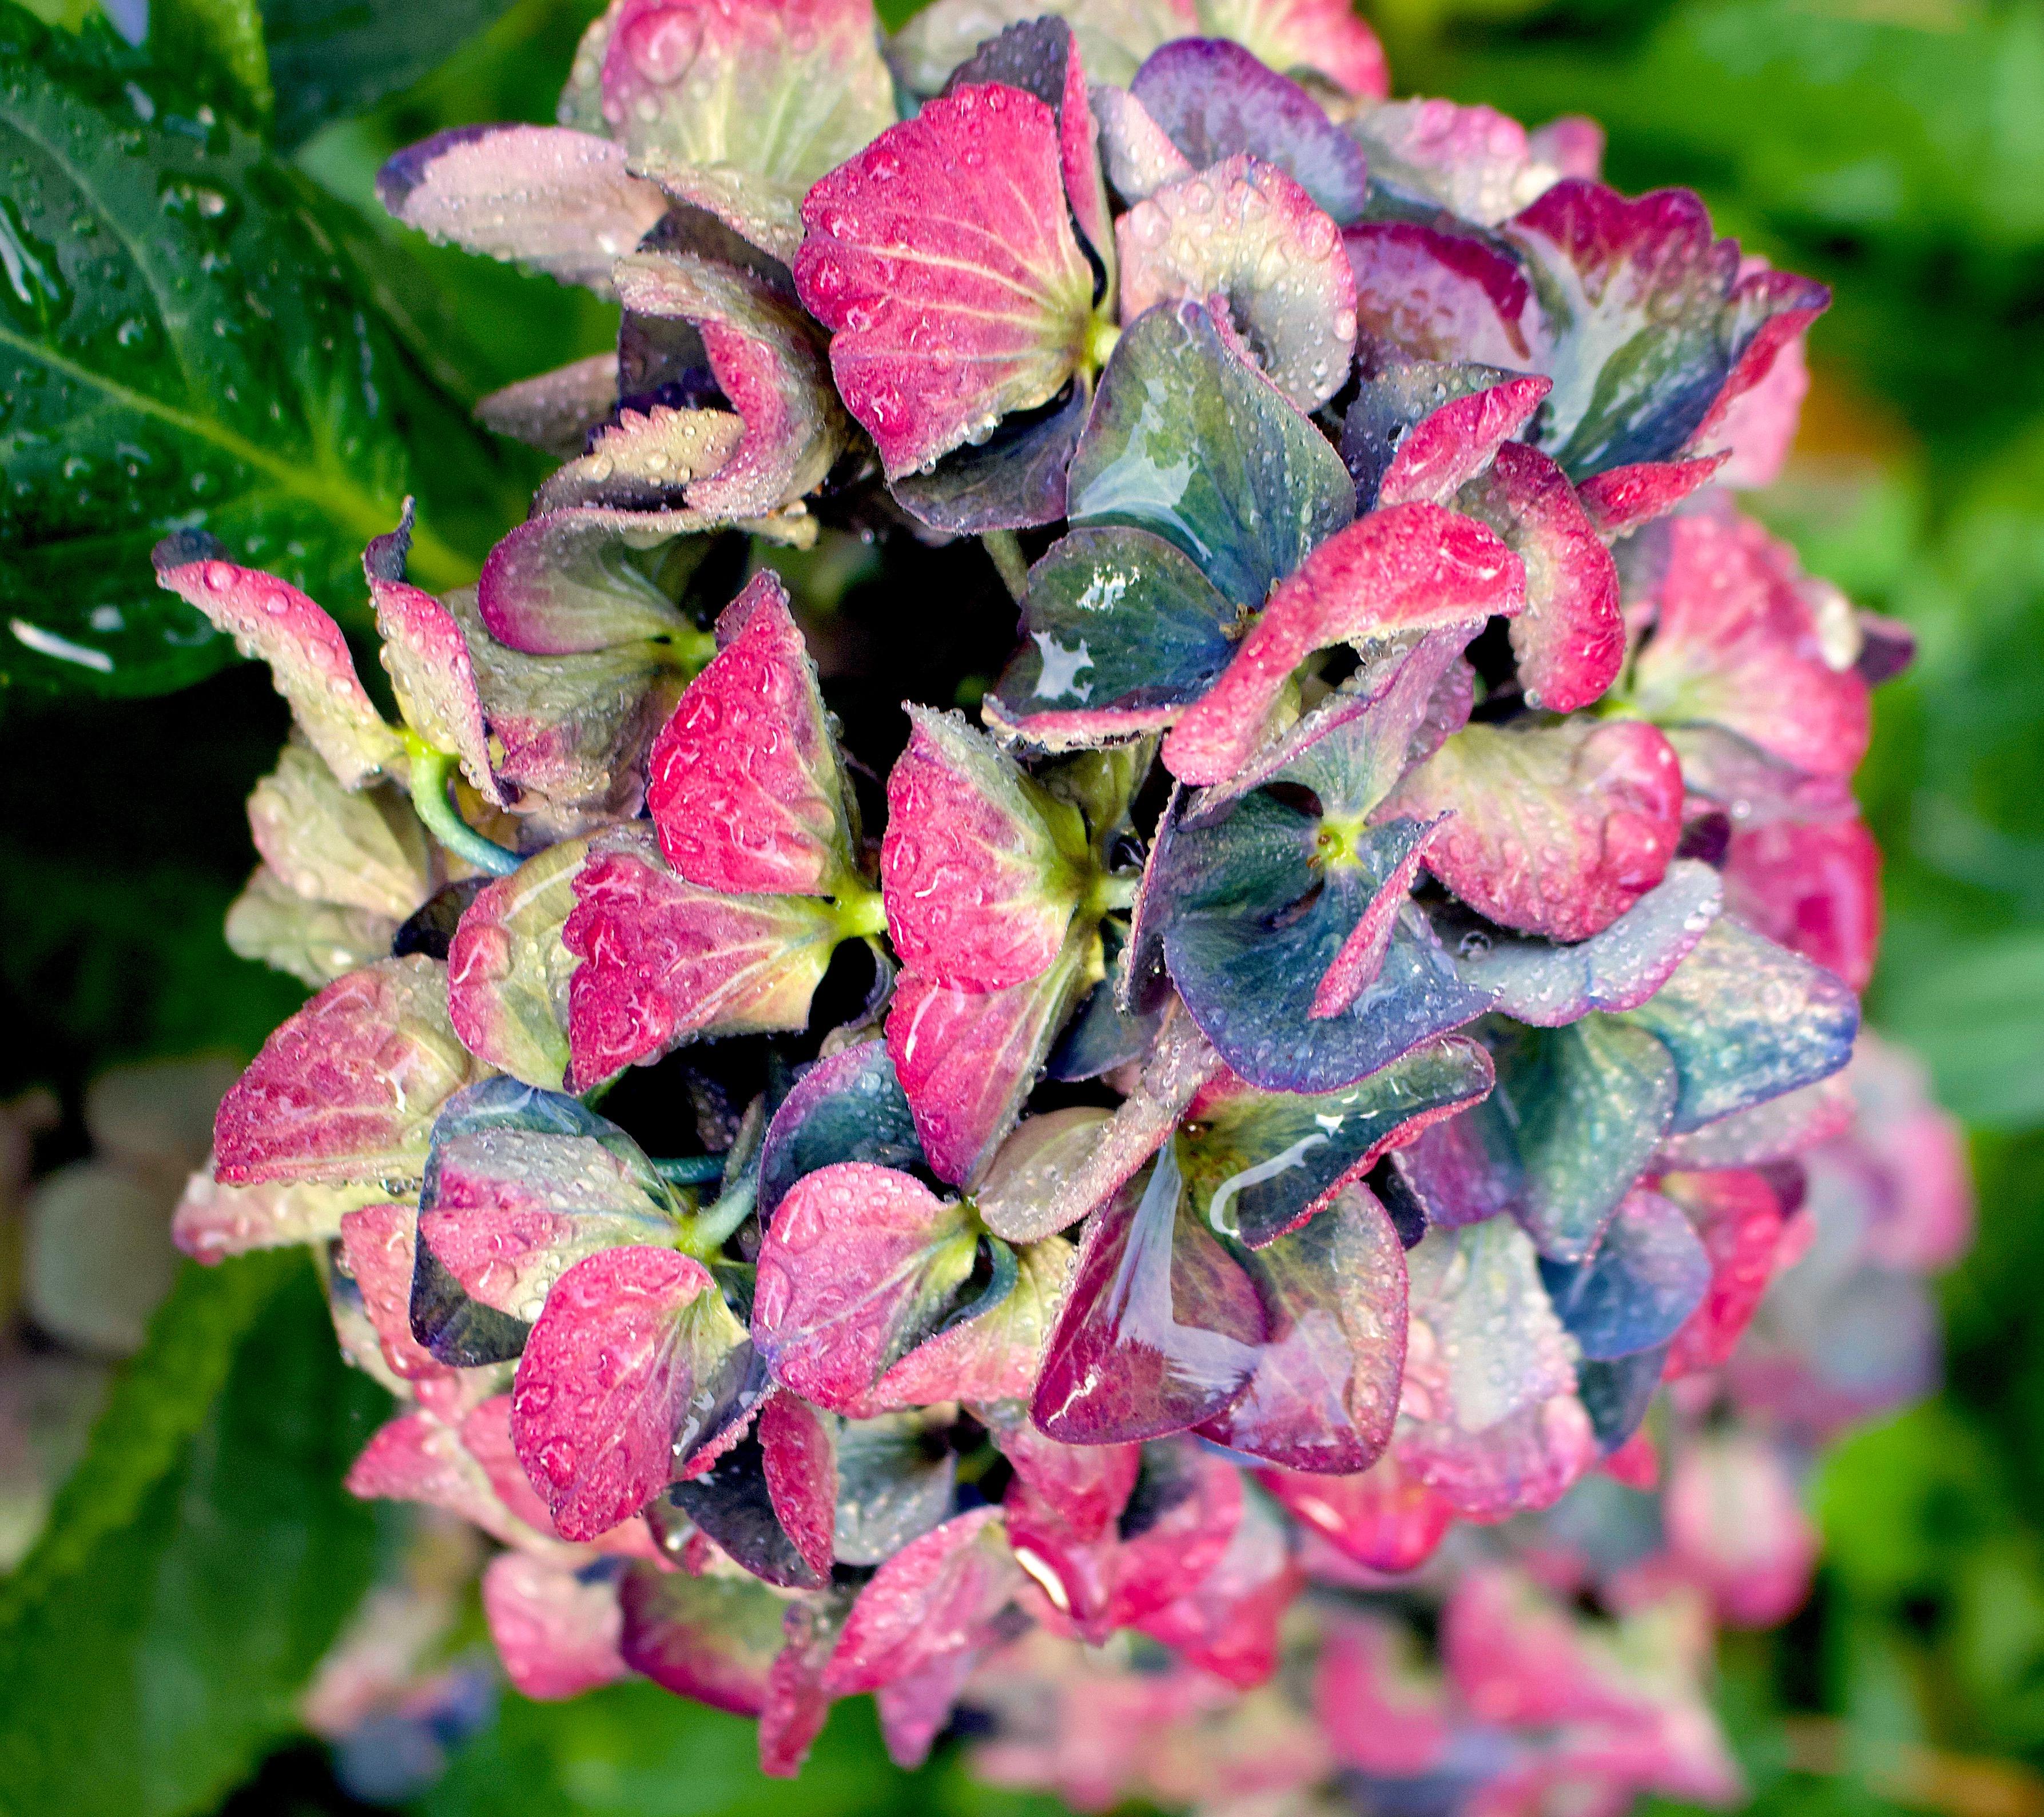 rainyhydrangea